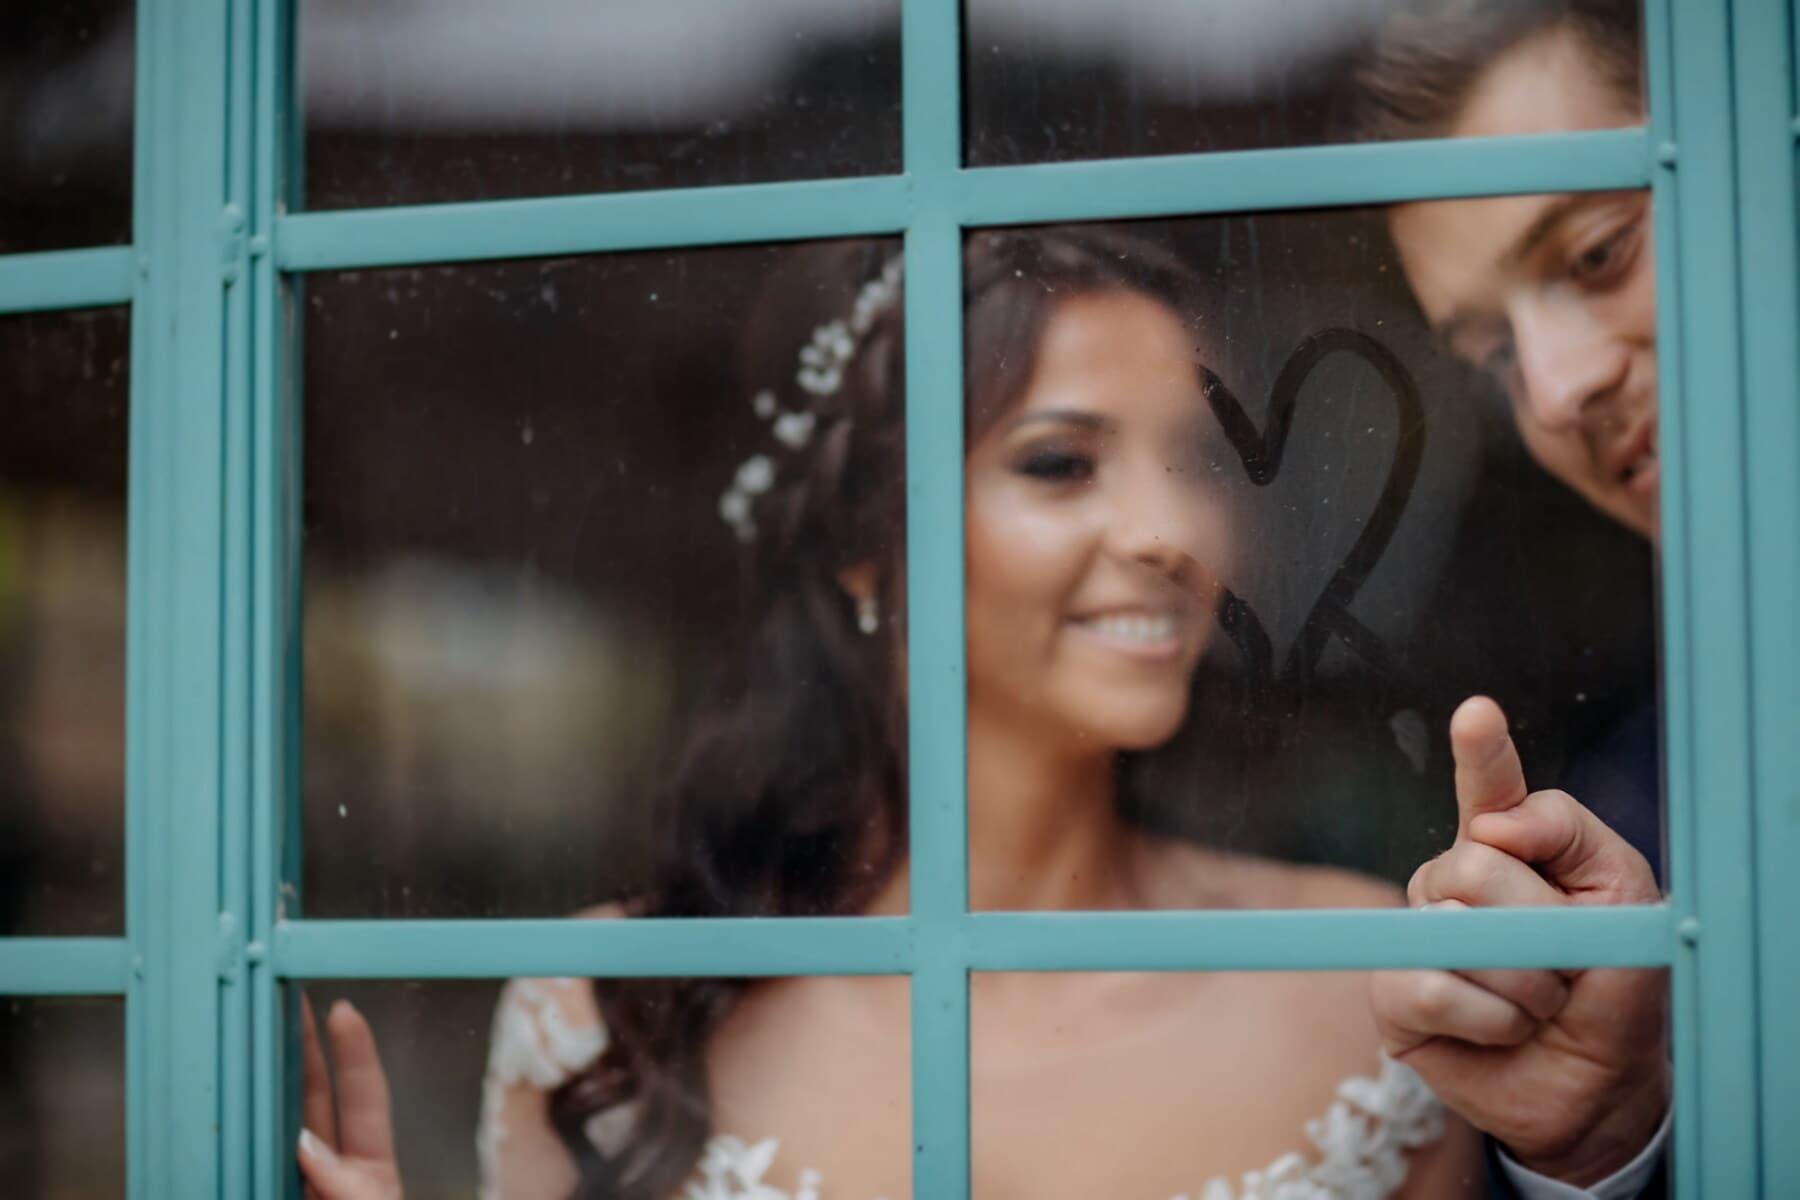 fukt, finger, fönster, hjärta, pojkvän, flickvän, romantiska, älskare, lycka, kärlek